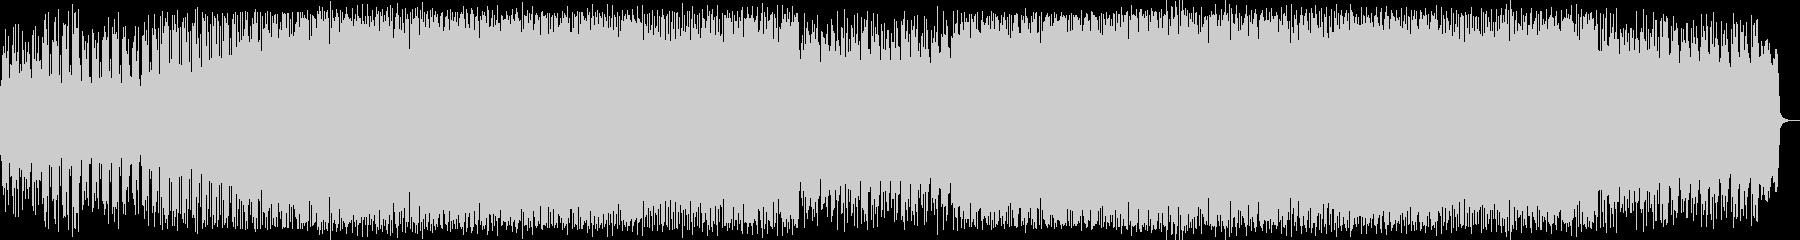 おしゃれなシンセポップハウス系の未再生の波形